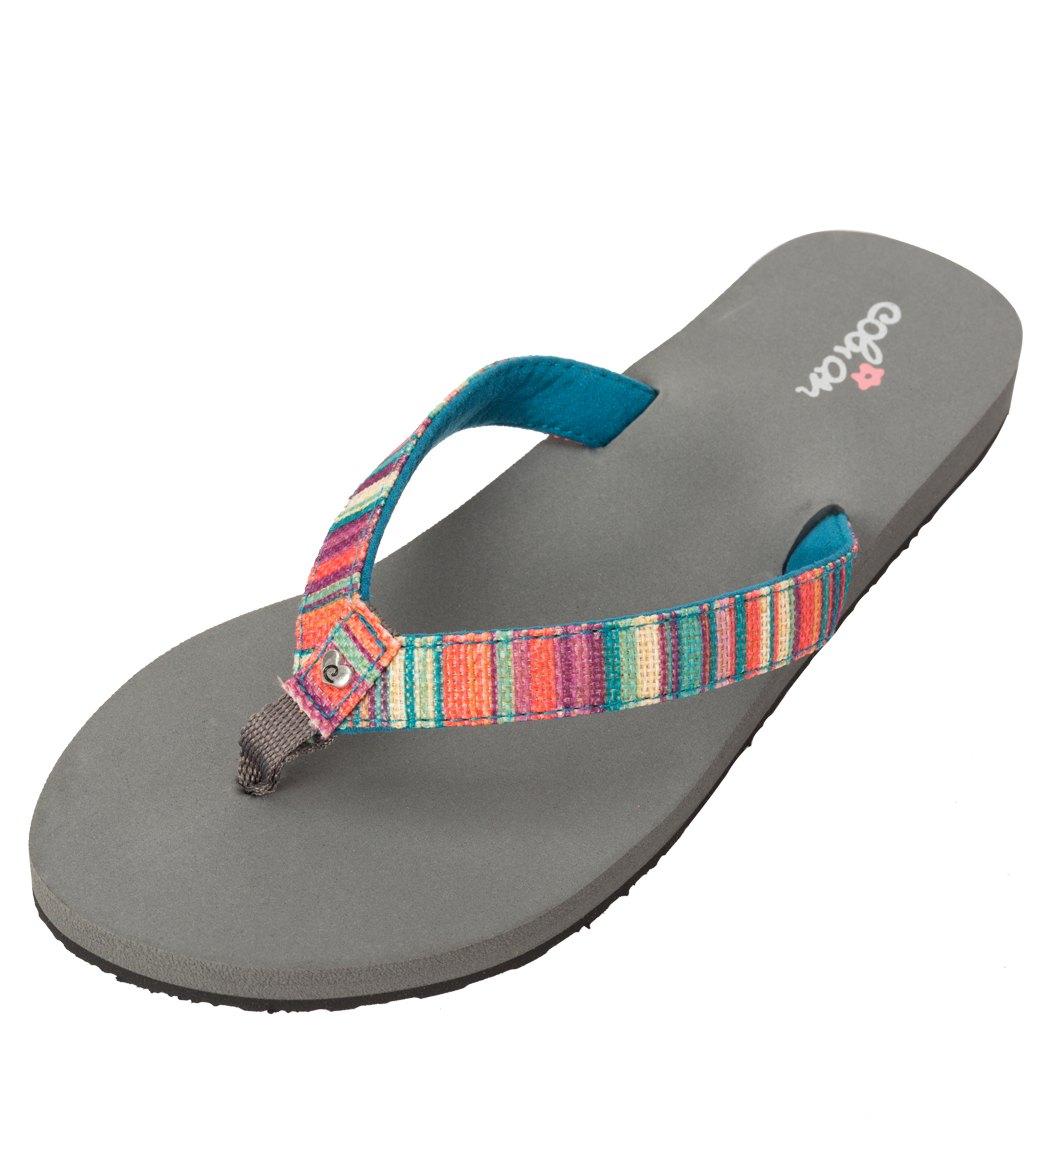 32950c9a51c1 Cobian Girls  Pinata Flip Flop at SwimOutlet.com